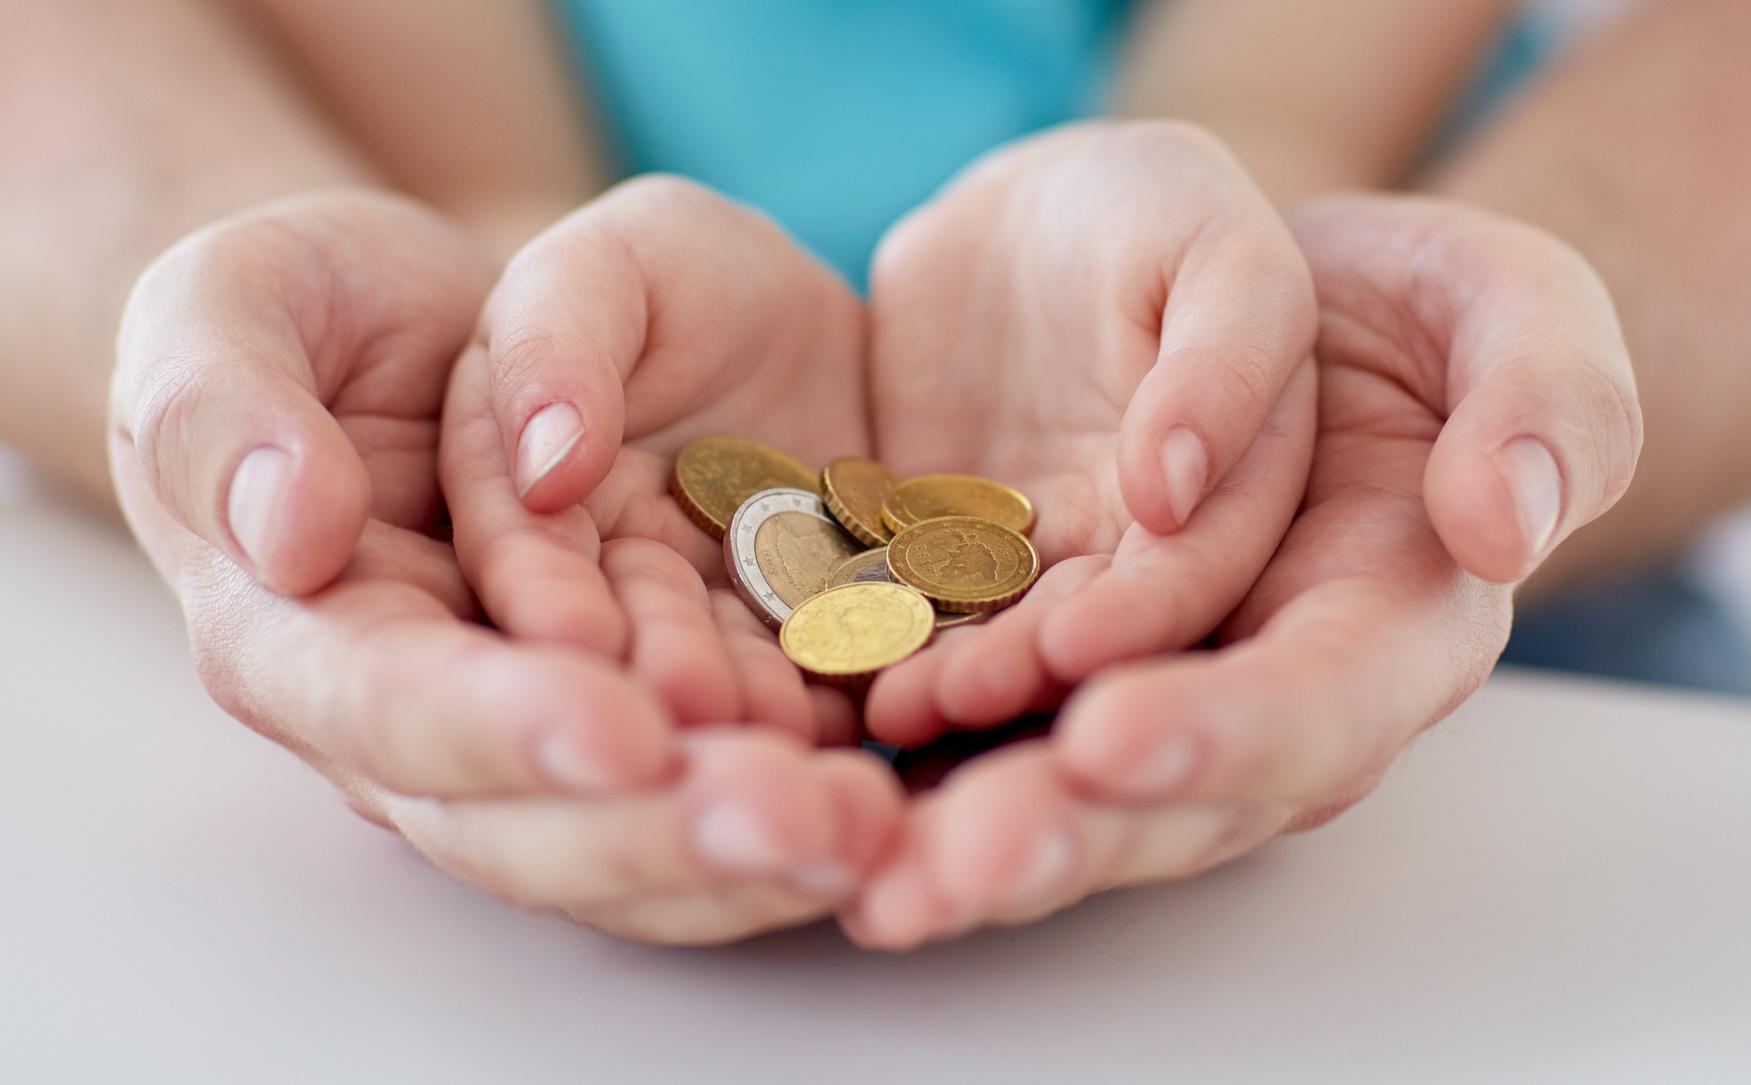 schnell geld verdienen als kind